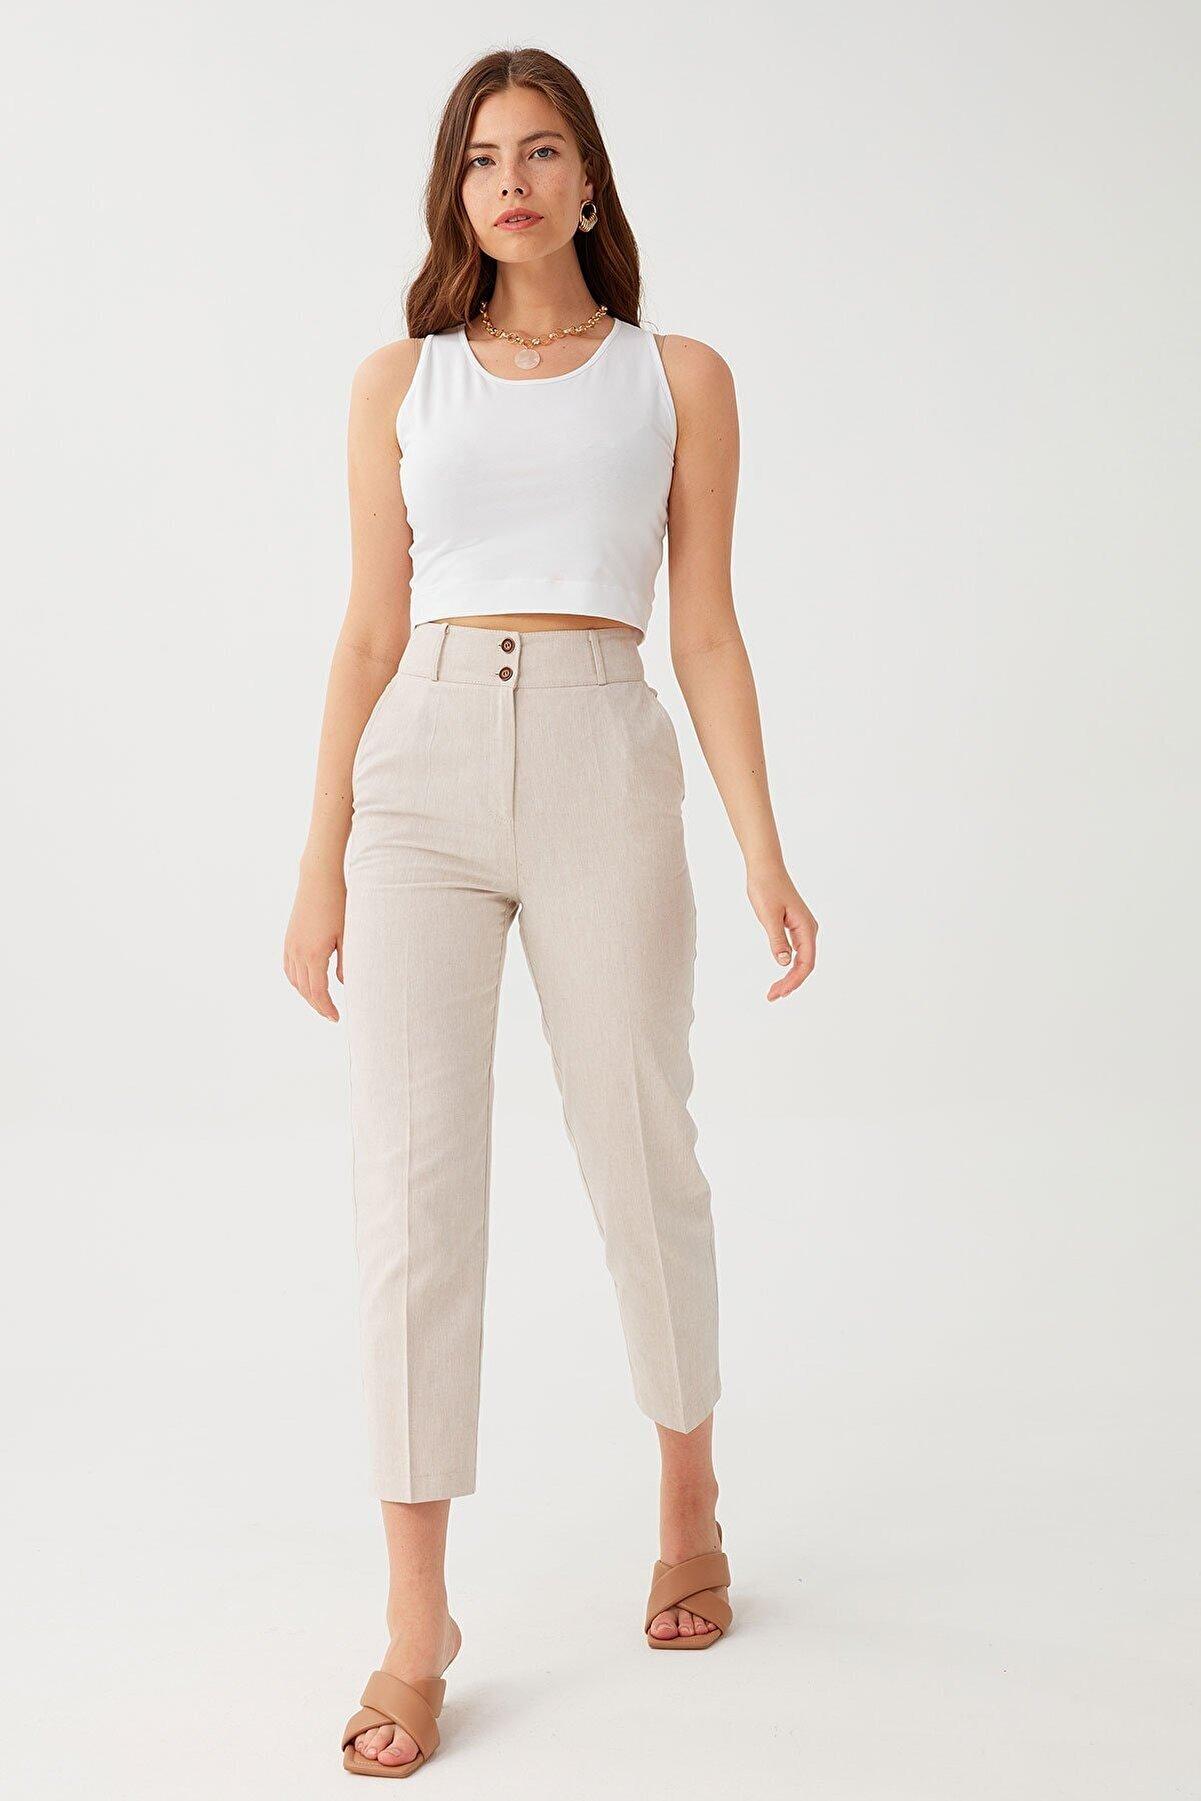 Chima İki Düğmeli Yüksek Bel Pantolon